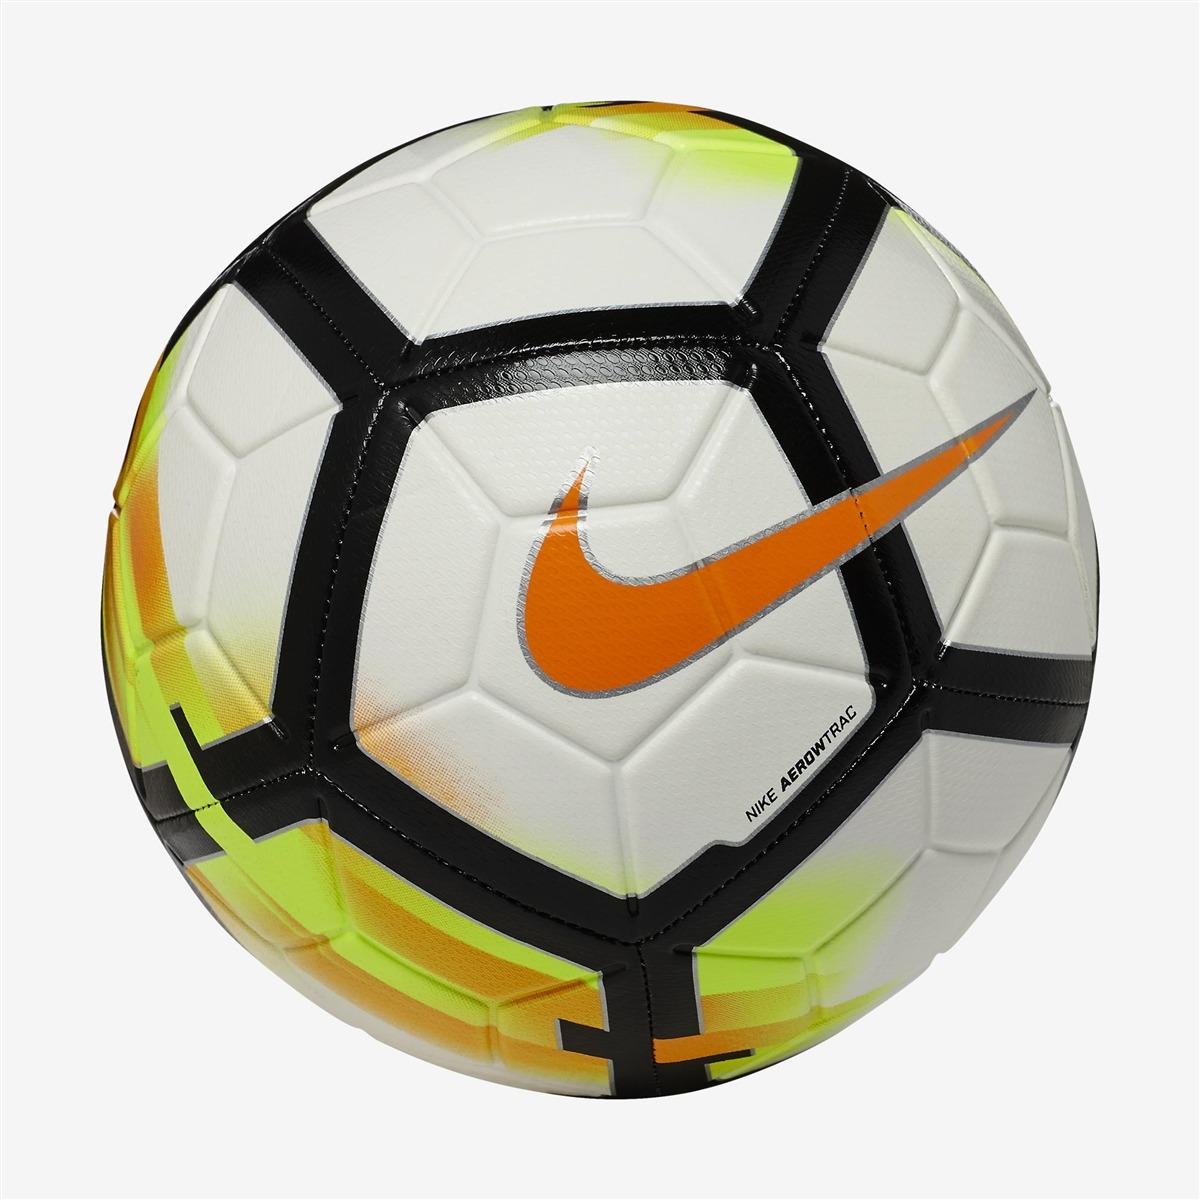 bola futebol de campo nike strike tamanho 5 original + nota. Carregando  zoom. fb6a89bfca6d3